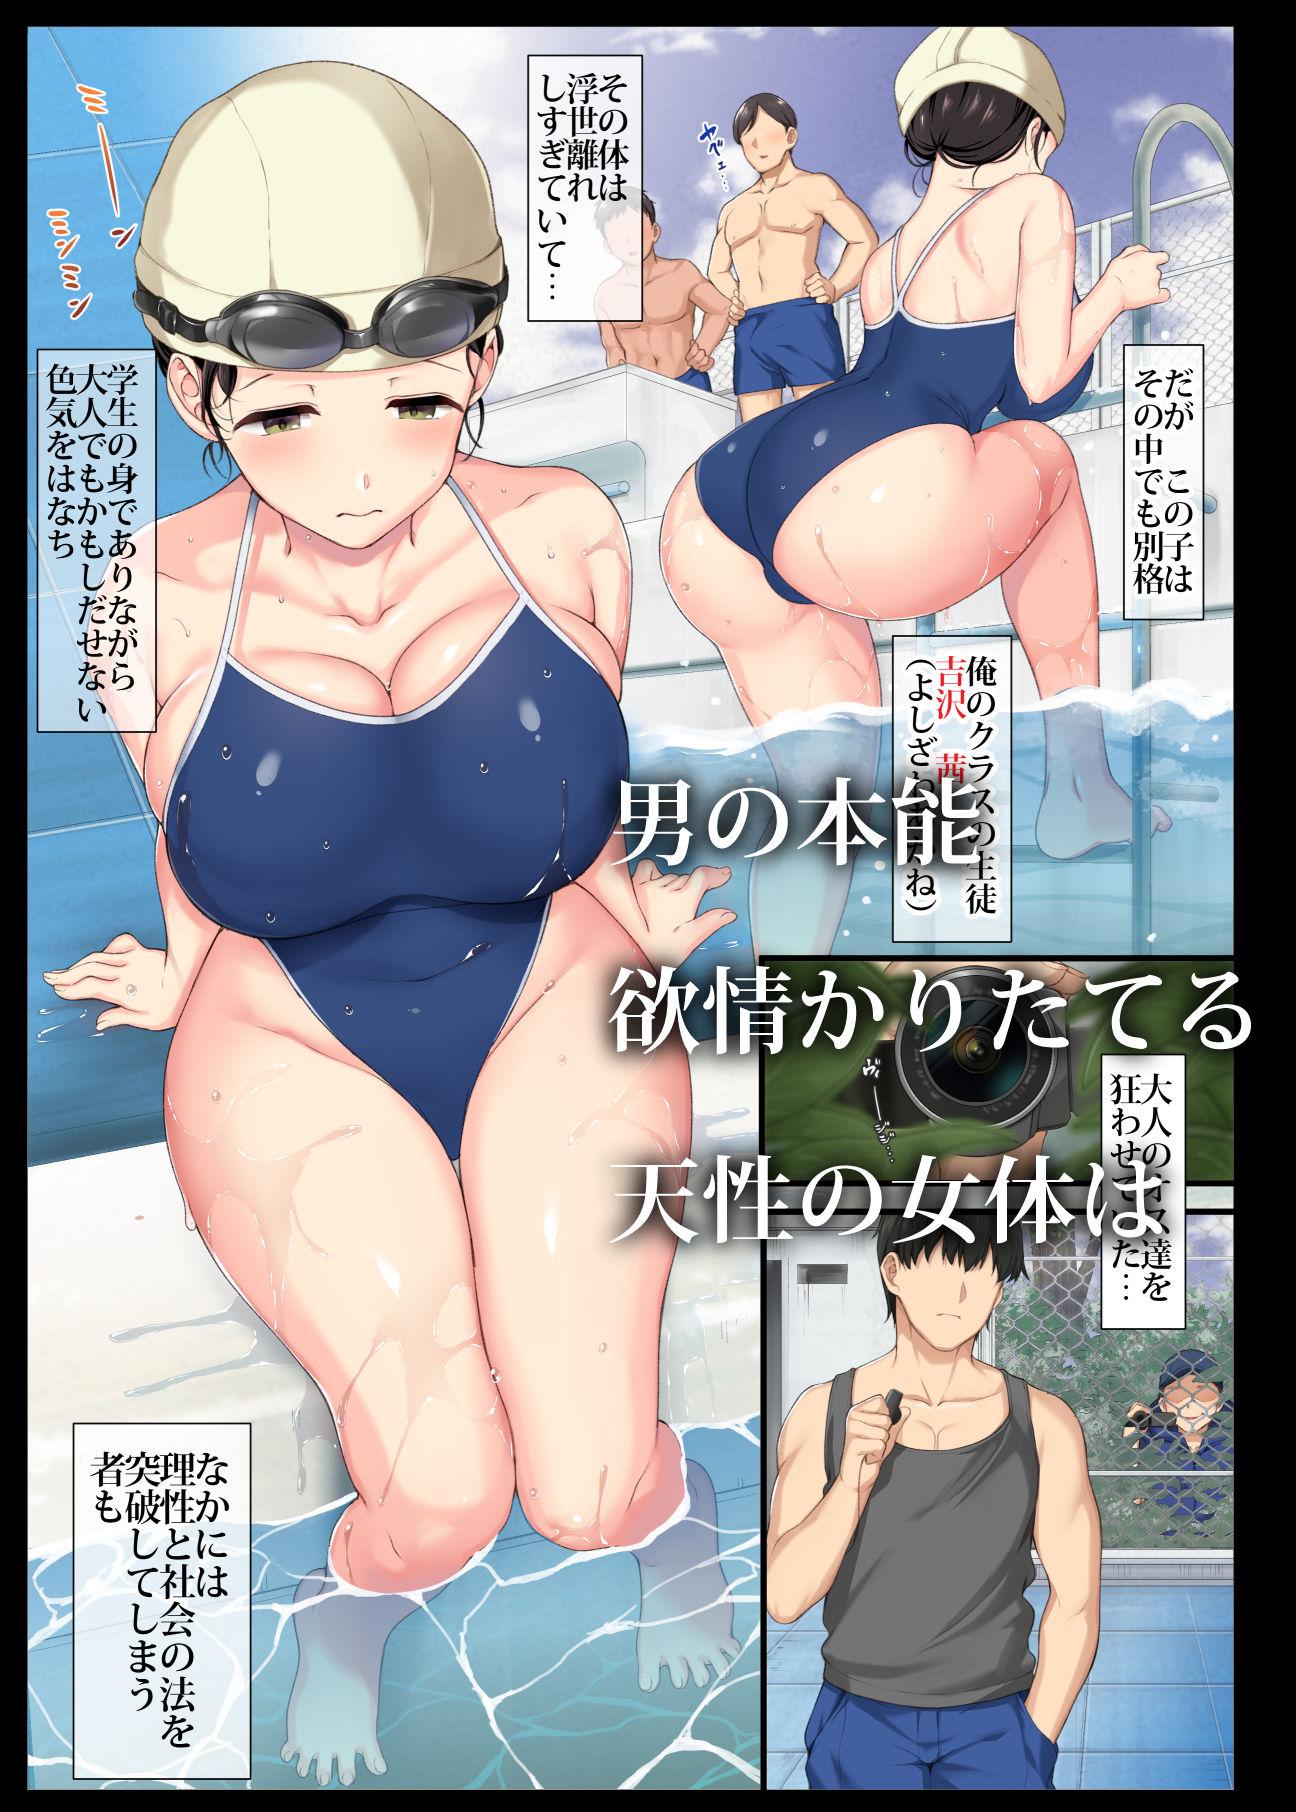 陰キャ美少女は、担任に犯●れてもイキまくる【同人エロ漫画】青水庵2